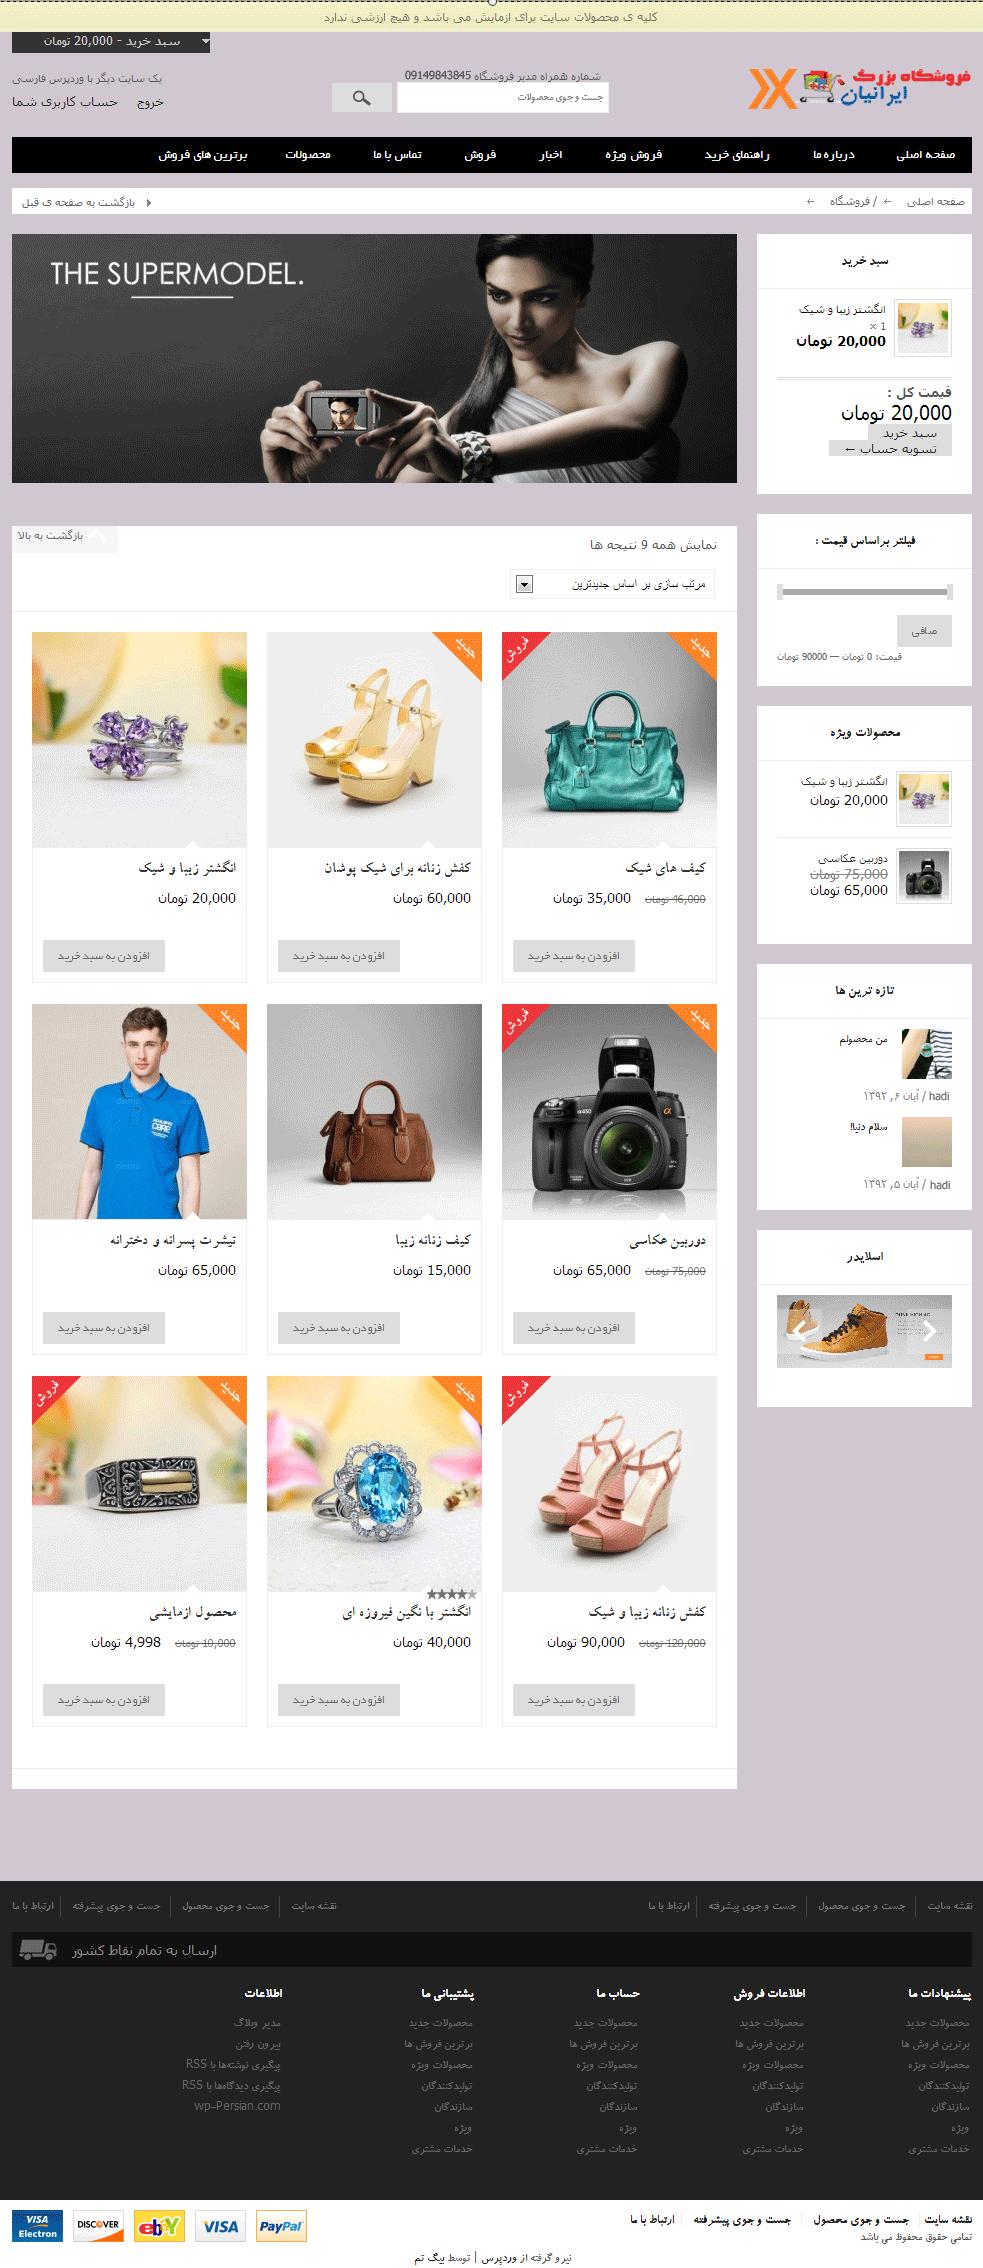 قالب فروشگاهی وردپرس xmarket فارسی - پوسته حرفه ایتصاویری از قالب : تصویر یک , تصویر دو , تصویر سه